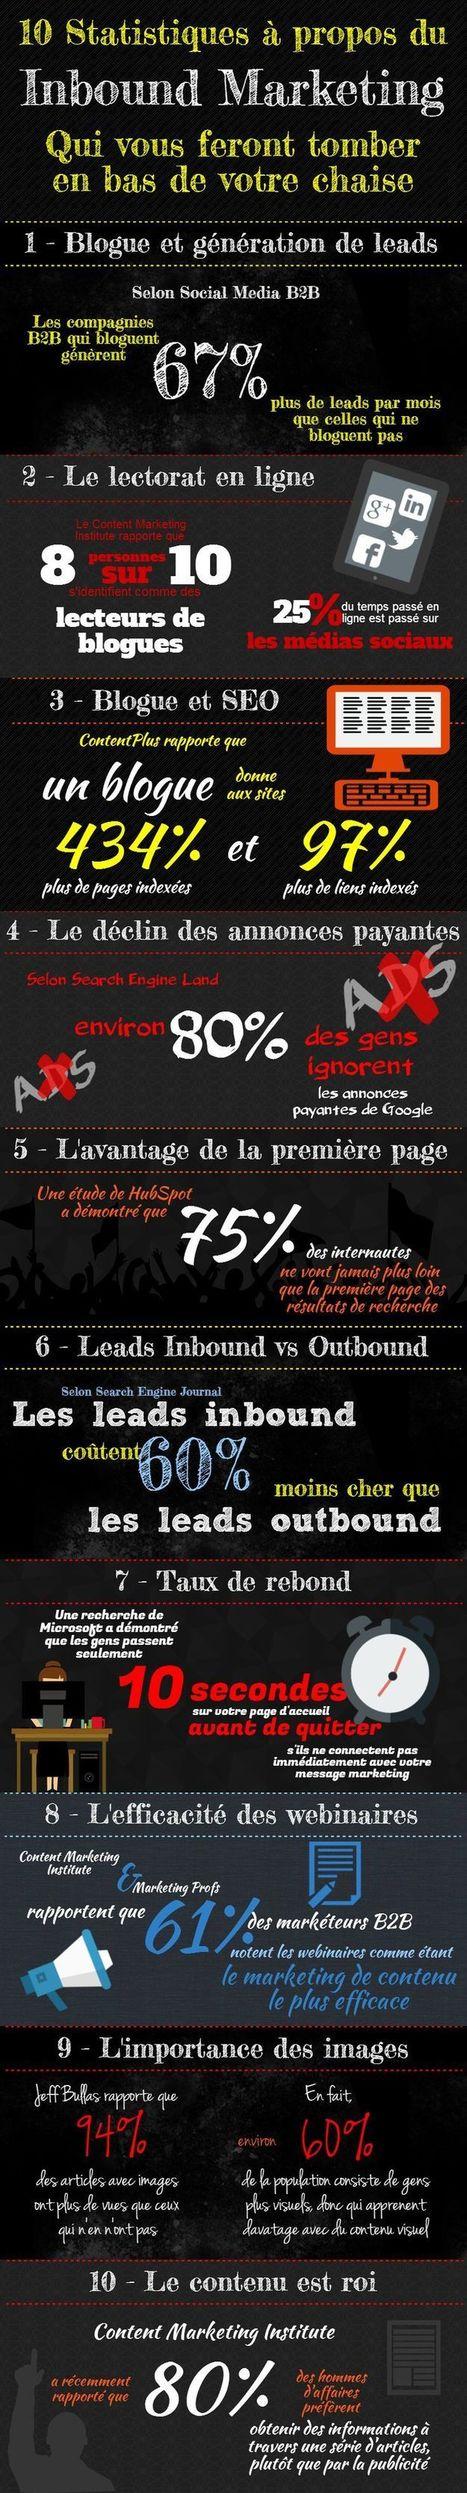 10 statistiques qui prouvent l'efficacité de l'Inbound Marketing - Le Blog Kinoa | Digital Martketing 101 | Scoop.it